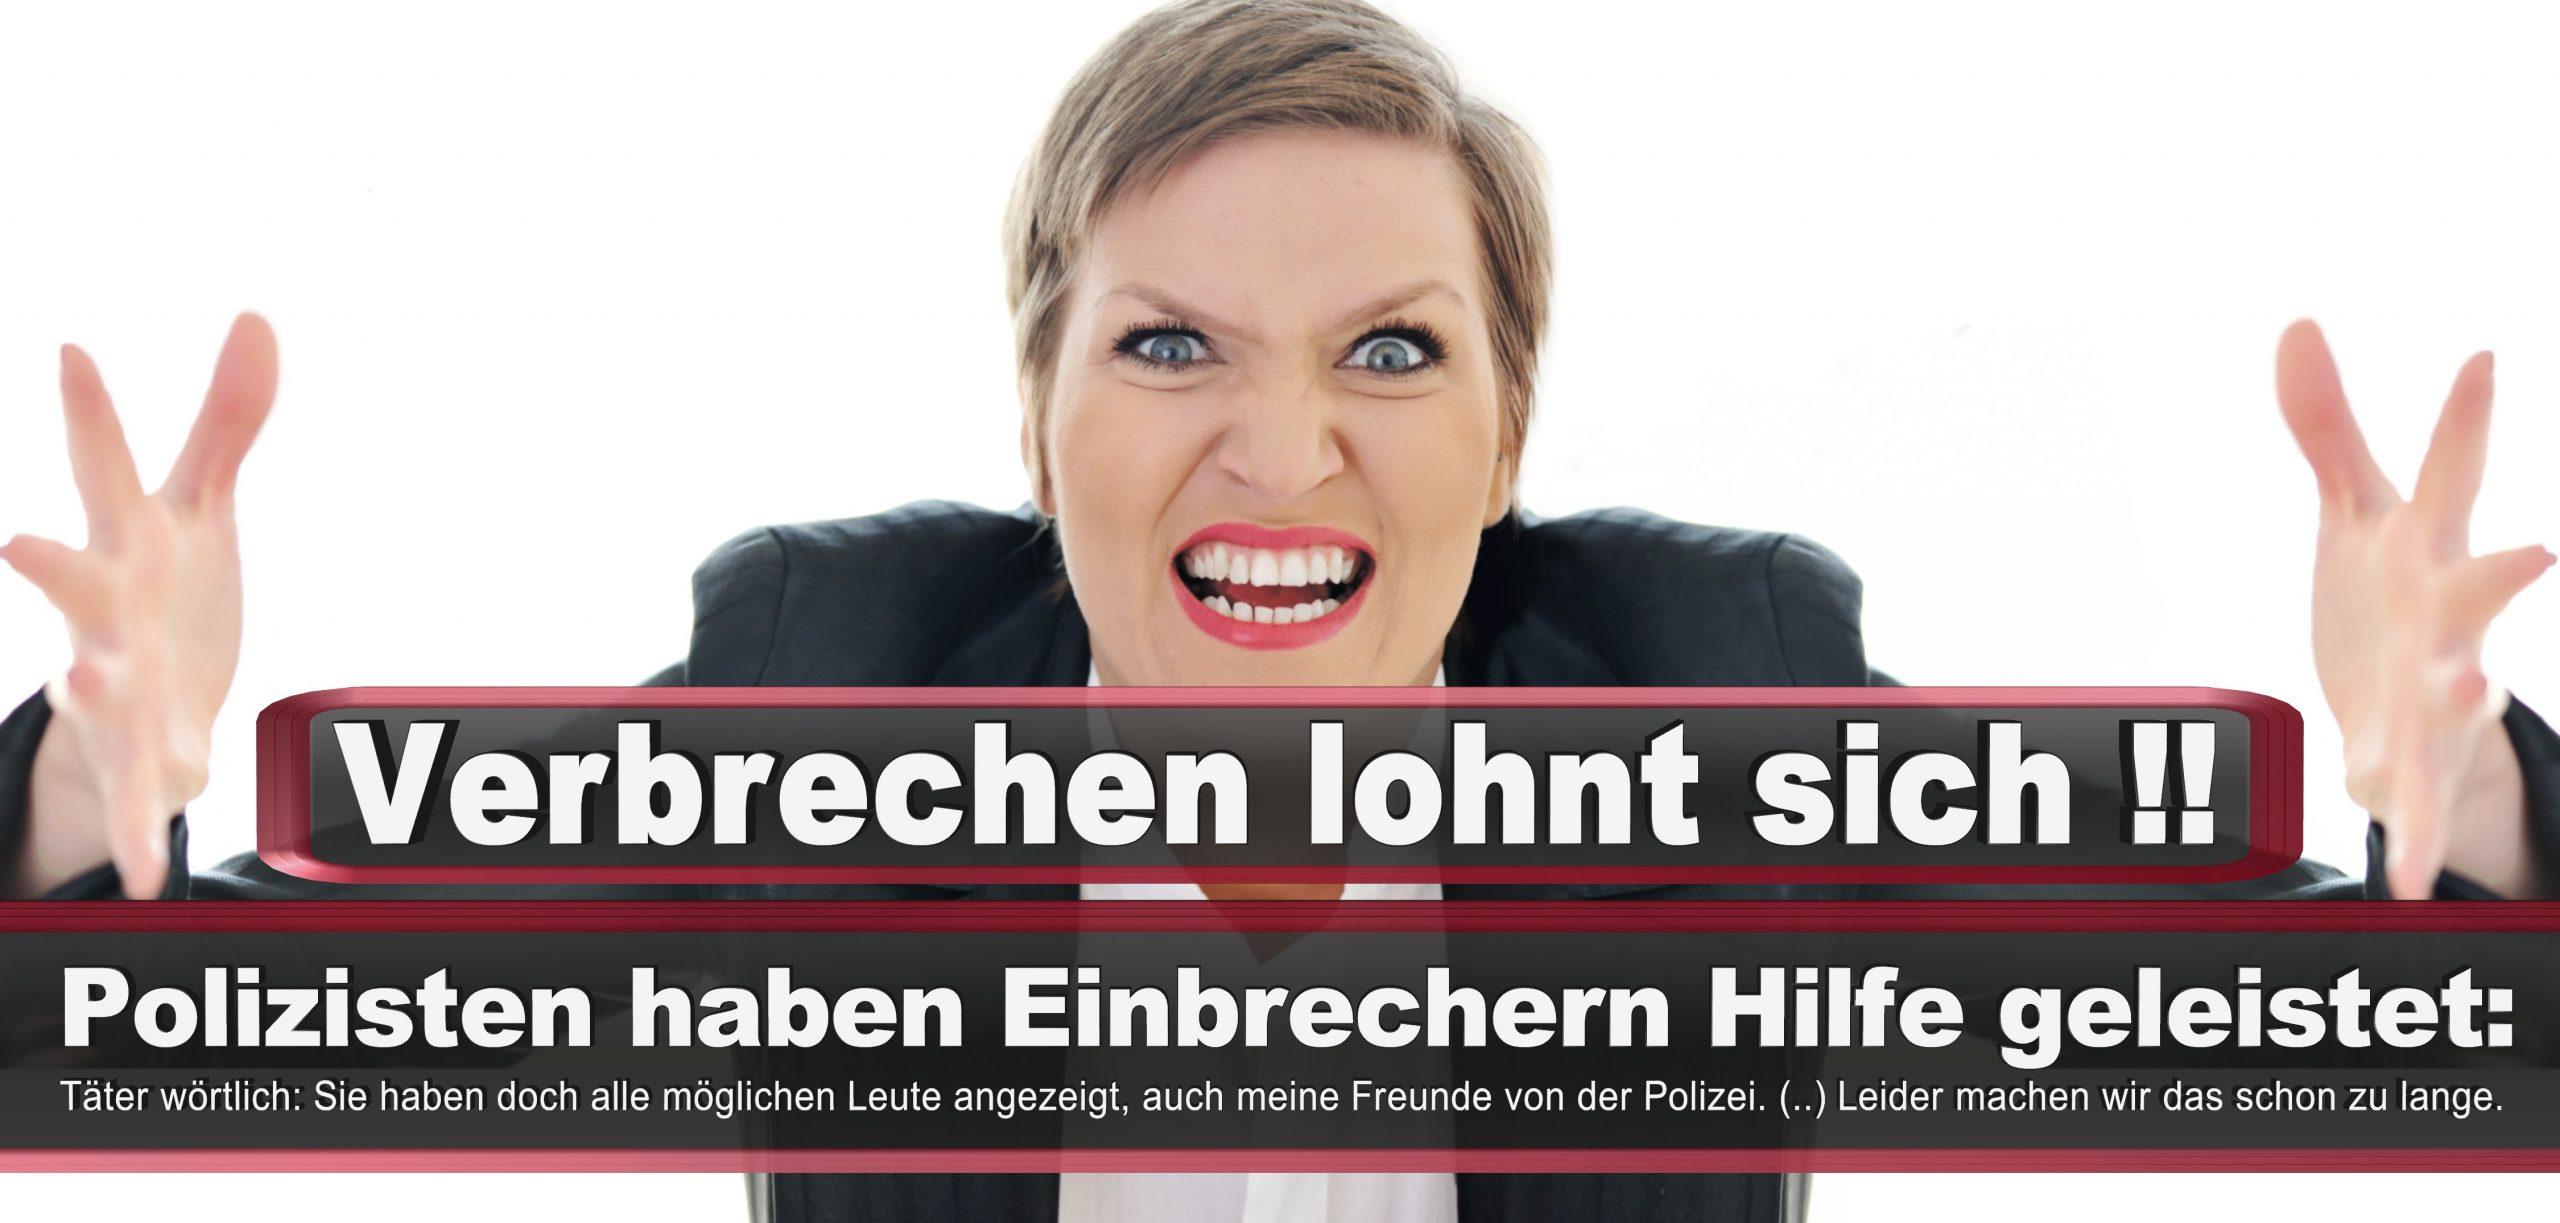 Bundestagswahl 2021 Wahlplakate CDU SPD FDP AFD Grüne Linke Stimmzettel Prognose Umfrage Kandidaten Parteien Datum (40)